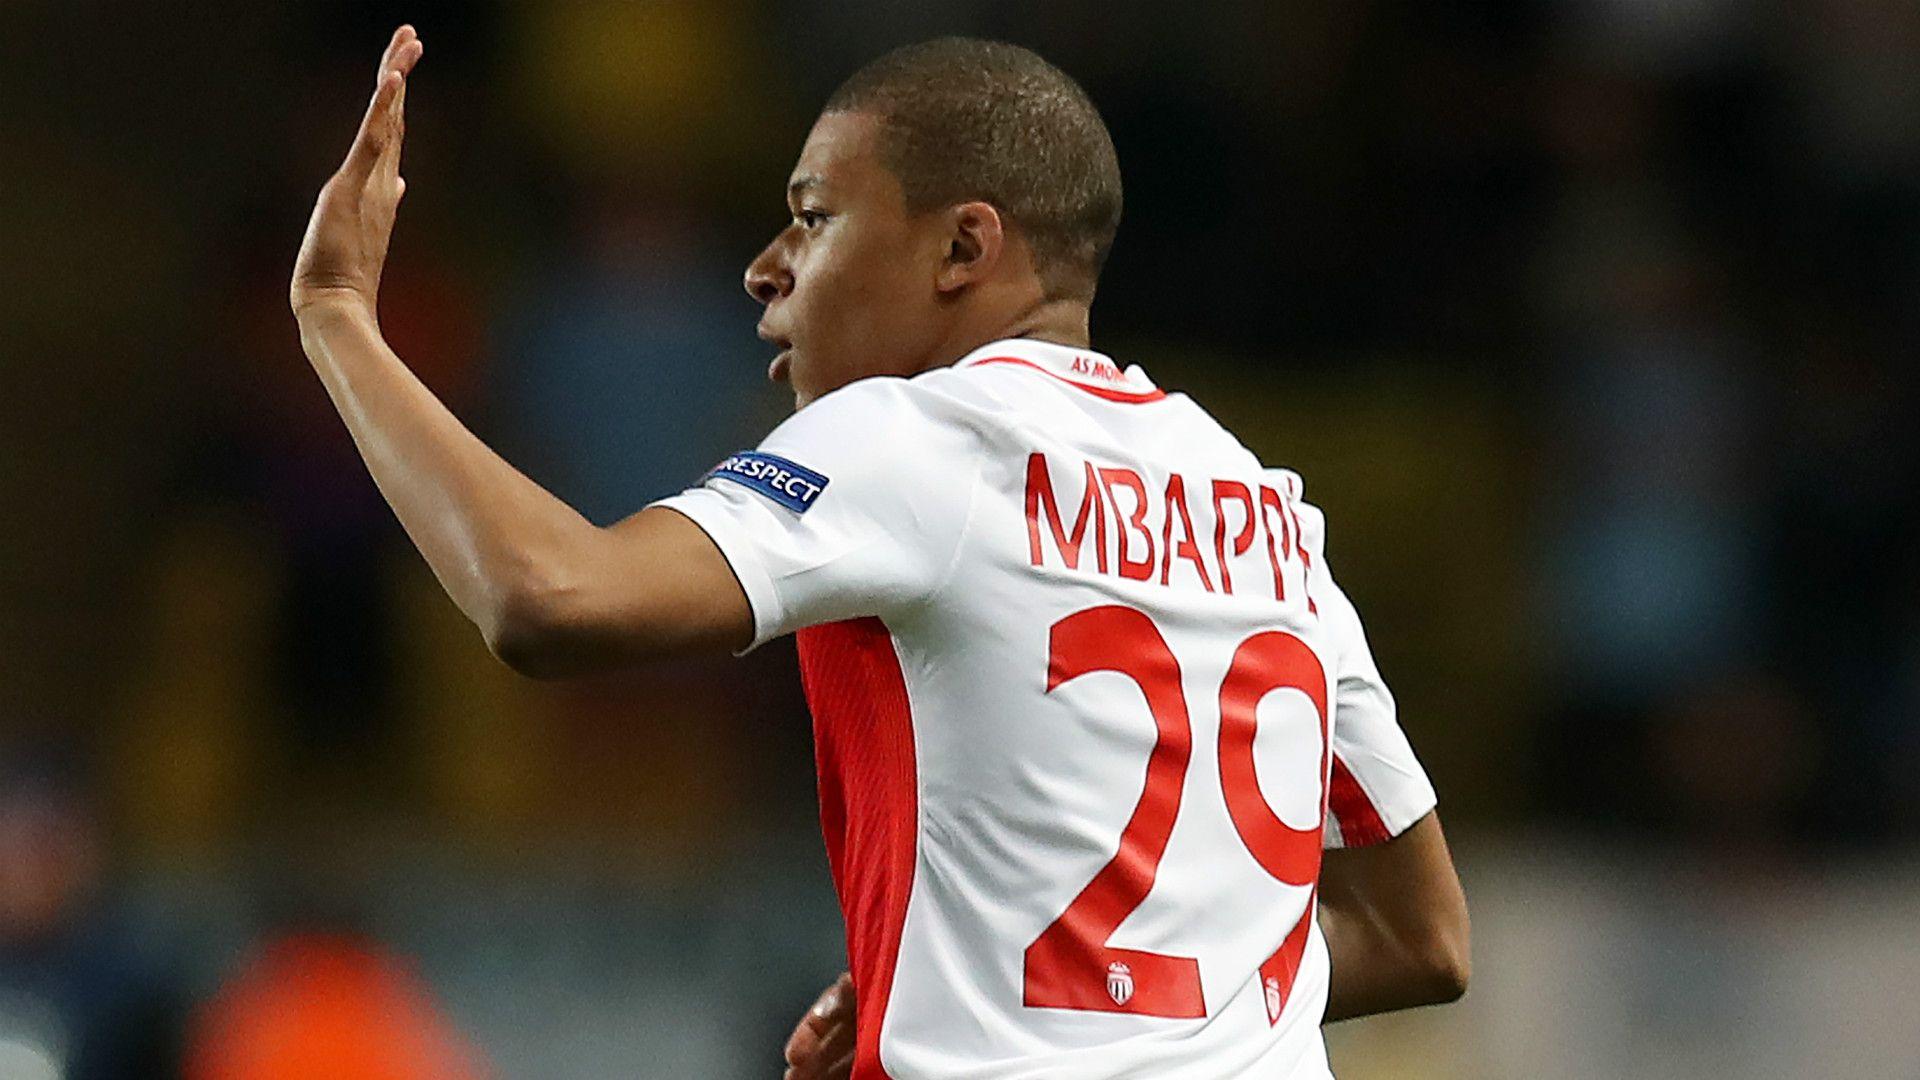 Seguidores del Mónaco critican la actitud de Mbappé